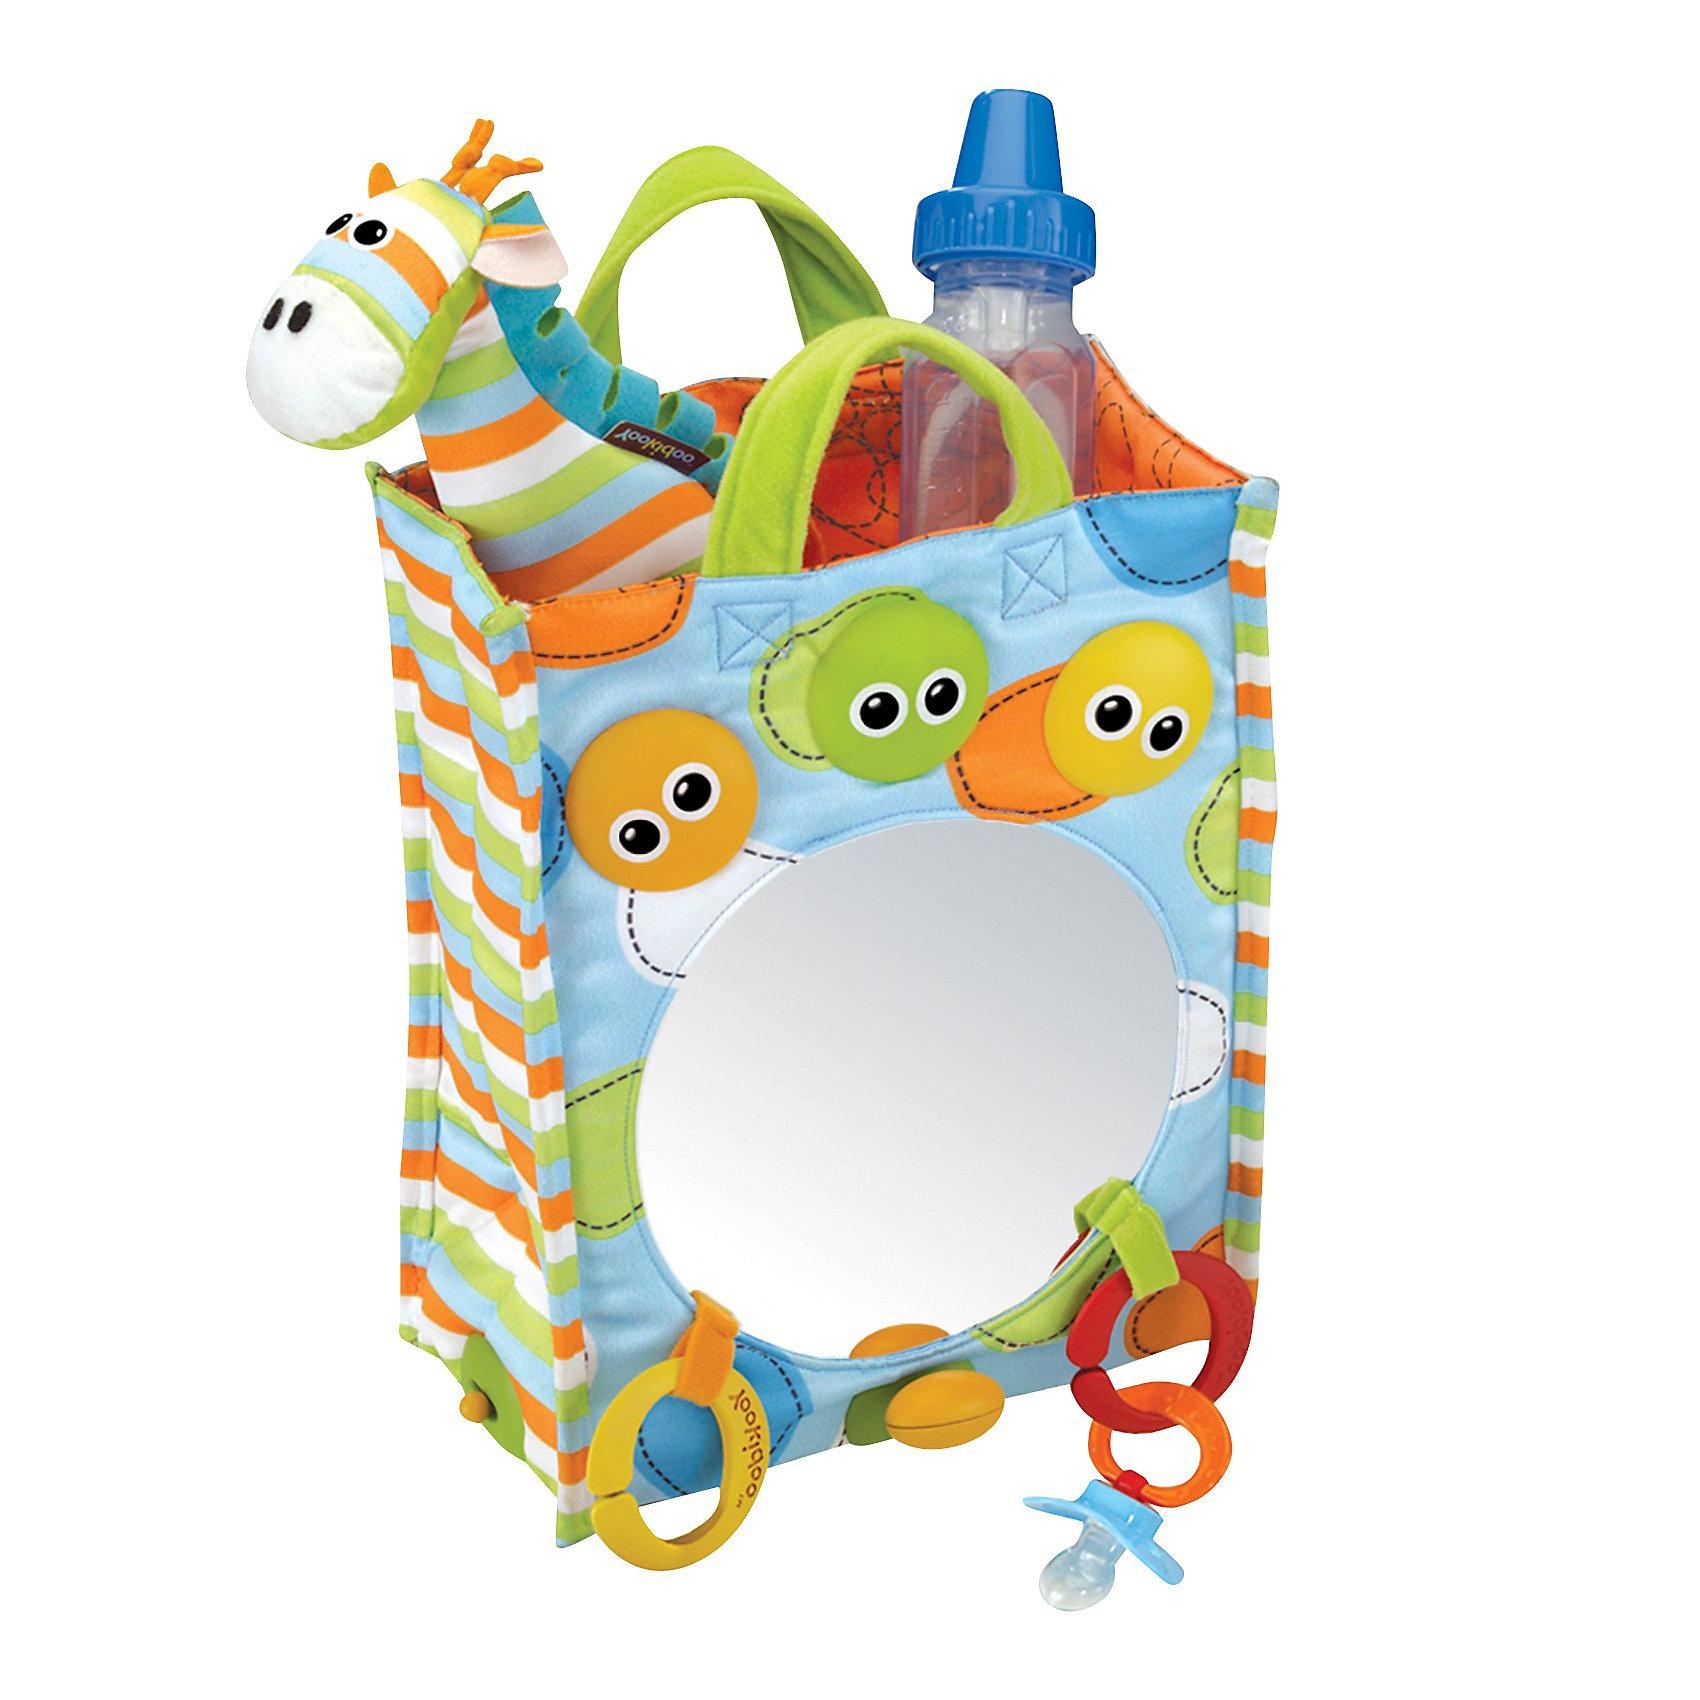 Yookidoo Сумочка ЗеркалоYookidoo Сумочка Зеркало– необычная сумочка с зеркалом и смешной Жирафик. В сумочку можно не только складывать игрушки малыша, но и играть с ней!<br><br>Жираф - мягкая игрушка-погремушка с милой мордочкой-вышивкой, с мягкими ушками, рожками, гривой и хвостиком. <br>Сумочка : сверху 2 ручки из ворсованного материала ,большое зеркало диаметром 16 см, 3 цветных плафончика с глазками <br>снизу – пластиковое основание на 4-х ножках и блок управления звуковыми и световыми эффектами <br>4 режима игры <br>1) музыка и свет – 3 варианта коротких проигрышей и одновременное перемигивание огоньков в цветных плафончиках<br>2) мелодия Бетховена звучит в течение 10 минут<br>3) мелодия Моцарта также в течение 10 минут<br>4) 10 минут светового шоу без музыки<br> <br>Сумка хорошо подходит для хранения зеркальца и других игрушек.<br><br>Дополнительная информация:<br><br>- В комплект входят: сумочка, зеркало и музыкальная игрушка, жираф.<br>- Батарейки: 3хАА (входят в комплект). <br>- Материал:  текстиль, пластмасса. <br>- Размер игрушки сумочка: 20х10,5х27h см, Жираф – высота 19 см. <br>- Размер упаковки 22х32,5х14 см. <br> <br>Ваш малыш будет с удовольствием изучать содержимое сумочки, сможет самостоятельно включать веселые звуки и мигание огоньков!<br><br>Ширина мм: 220<br>Глубина мм: 140<br>Высота мм: 330<br>Вес г: 700<br>Возраст от месяцев: 1<br>Возраст до месяцев: 24<br>Пол: Унисекс<br>Возраст: Детский<br>SKU: 2442800